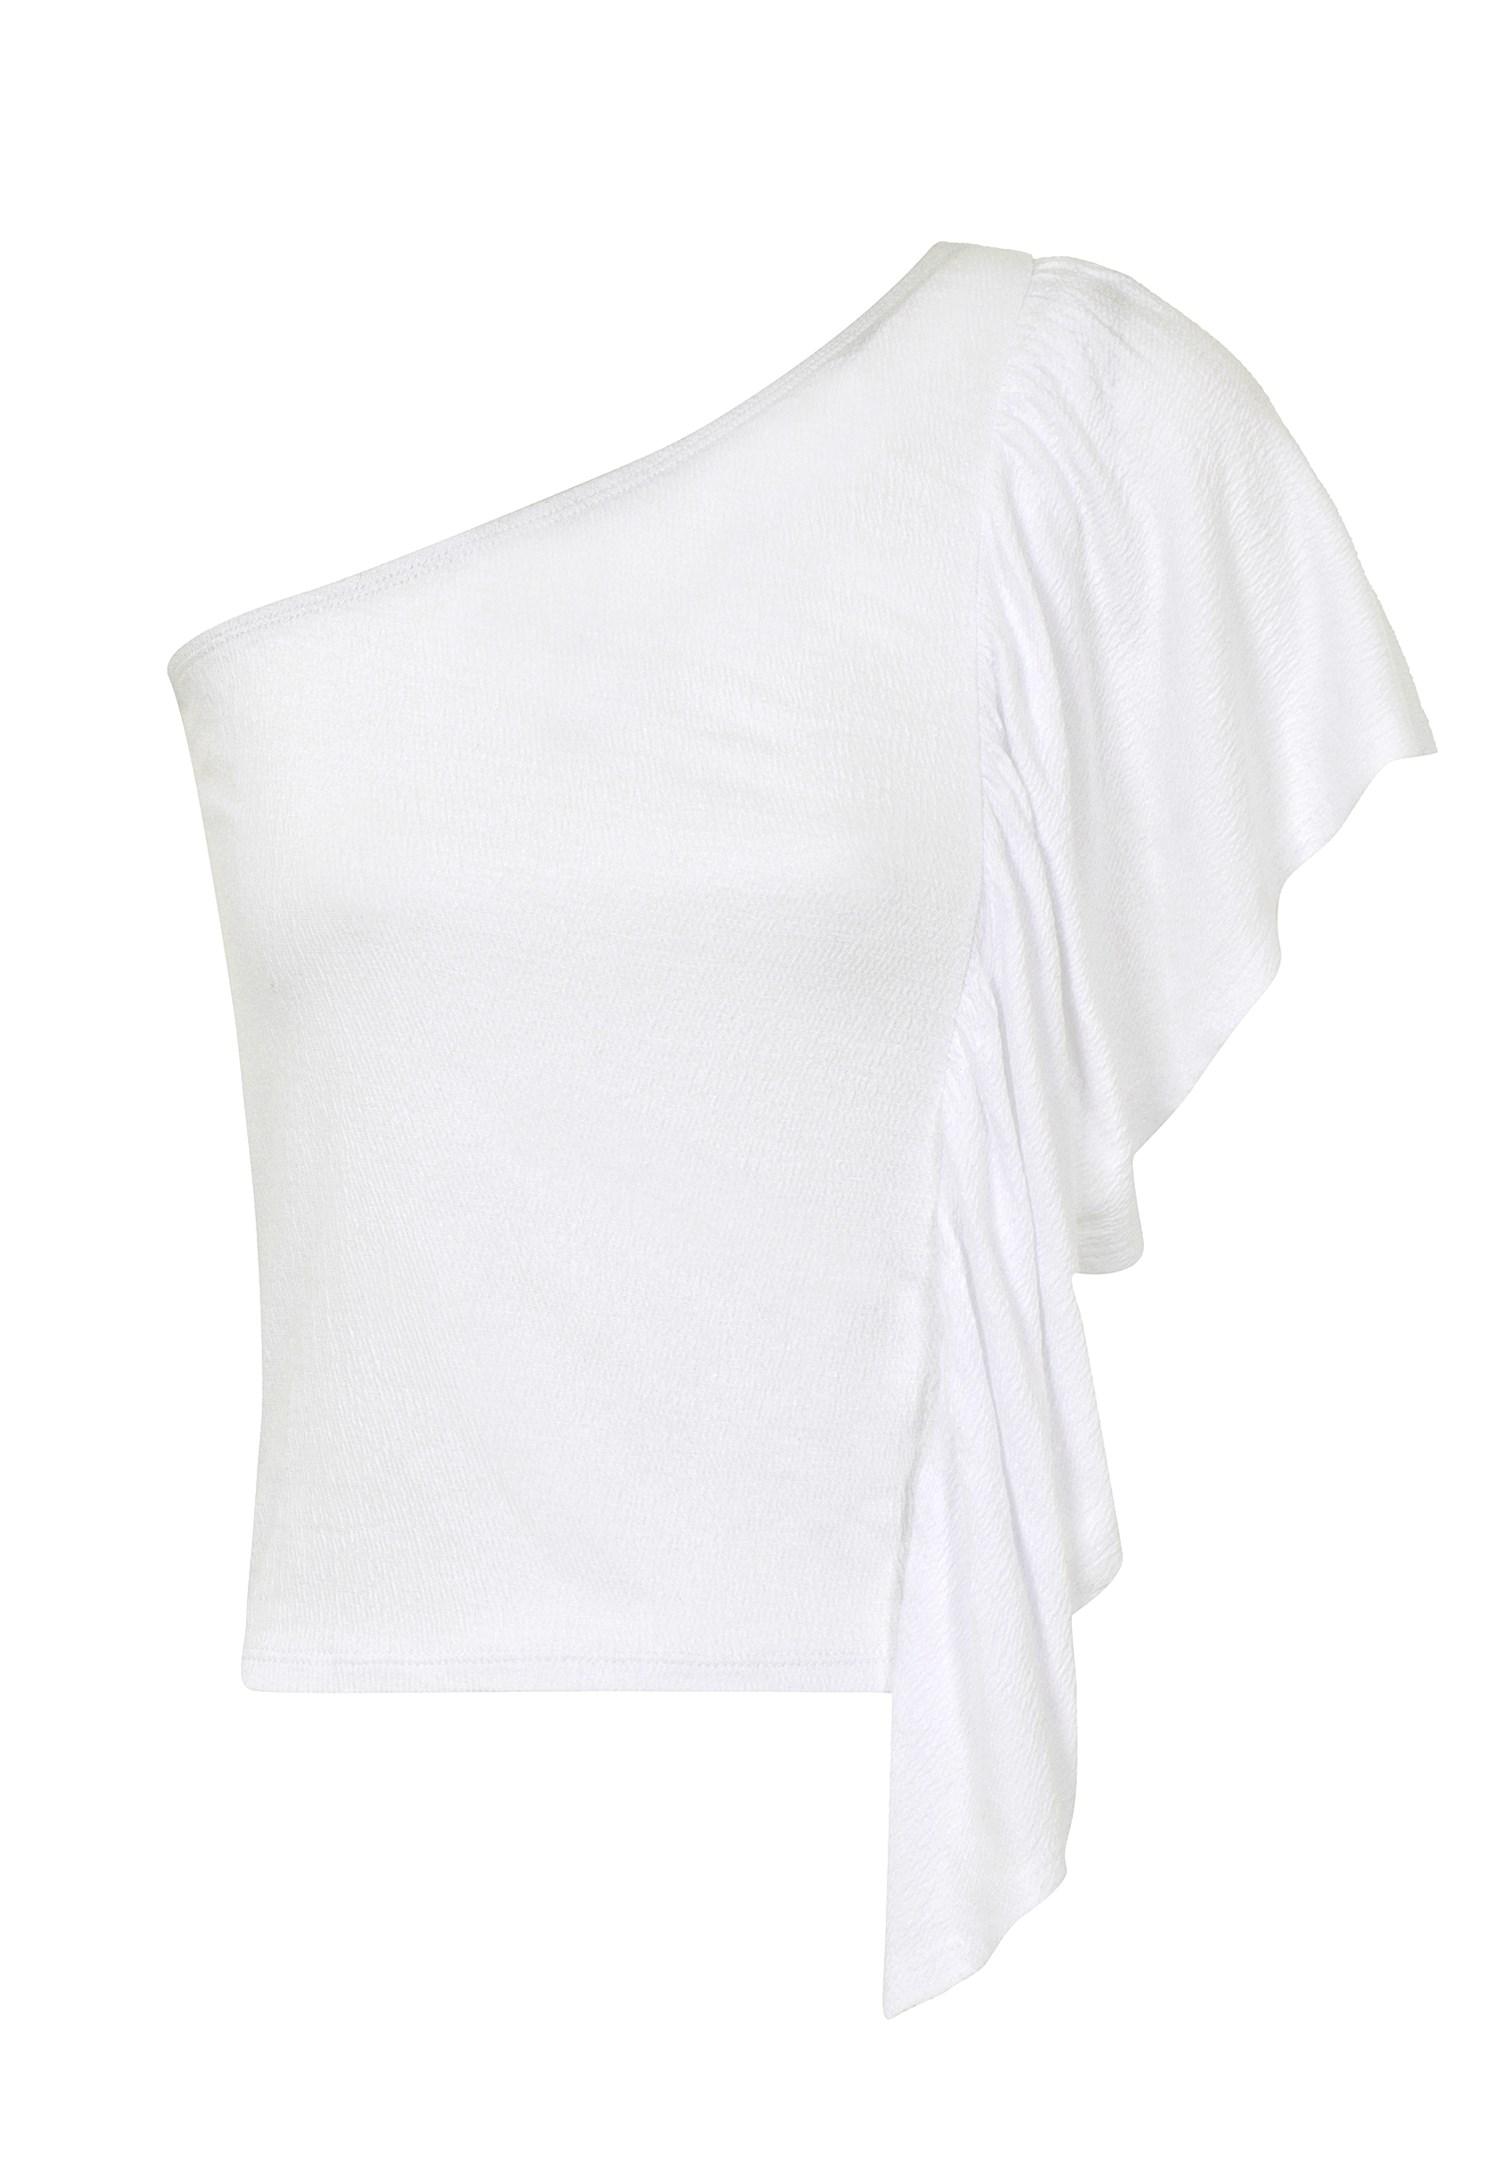 Bayan Beyaz Tek Omuz Fırfır Detaylı Bluz